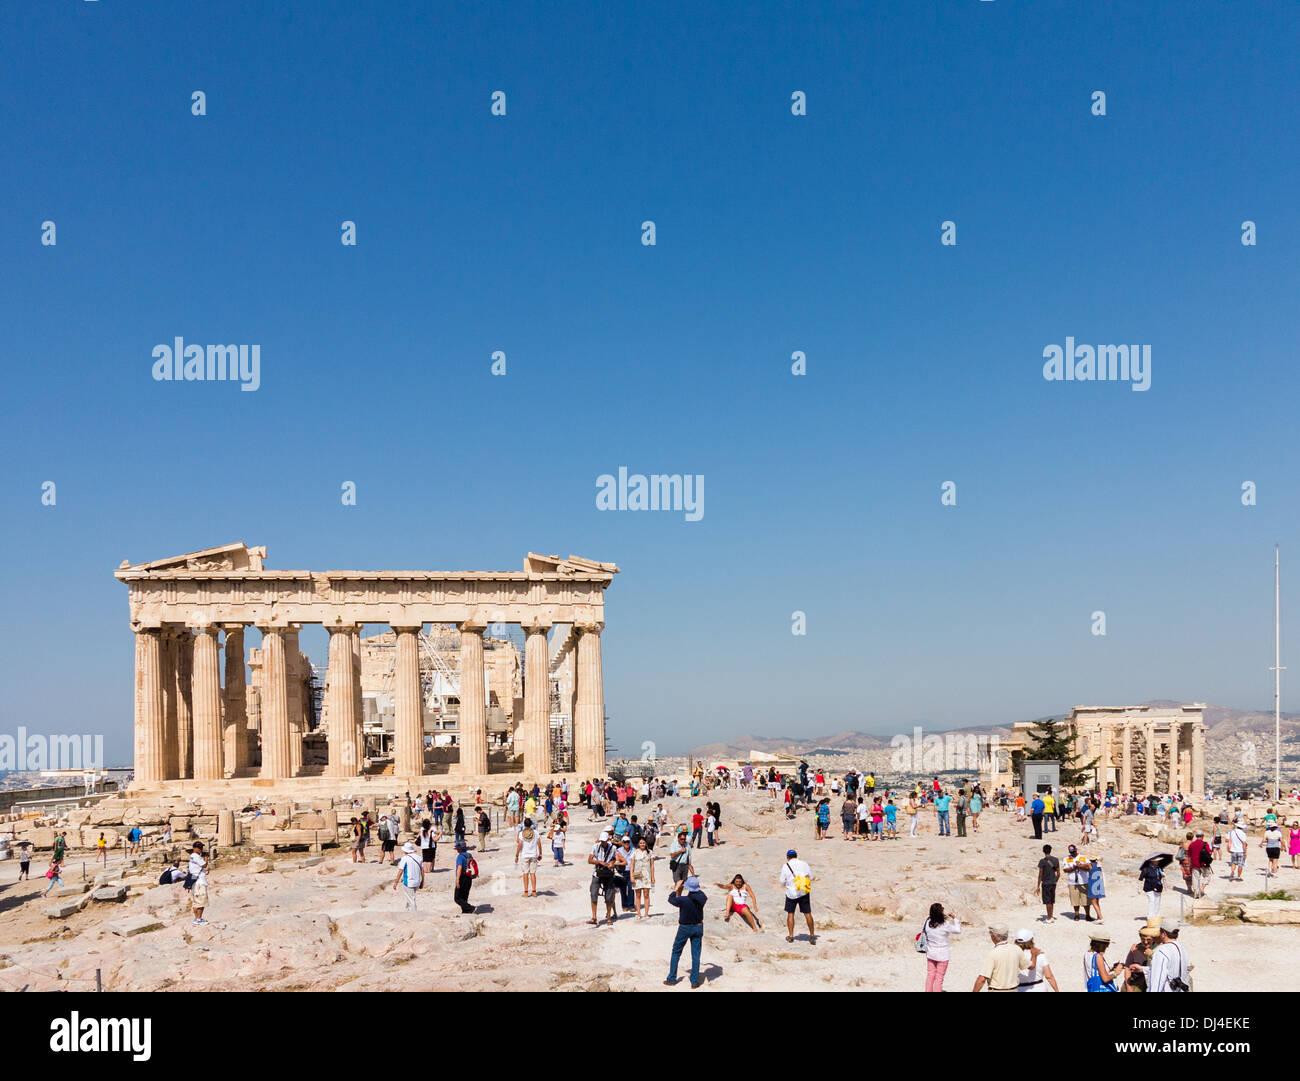 Acrópolis, Atenas, Grecia - con multitudes de turistas que visitan el sitio de la antigua Grecia, el Partenón y el Erecteion Imagen De Stock